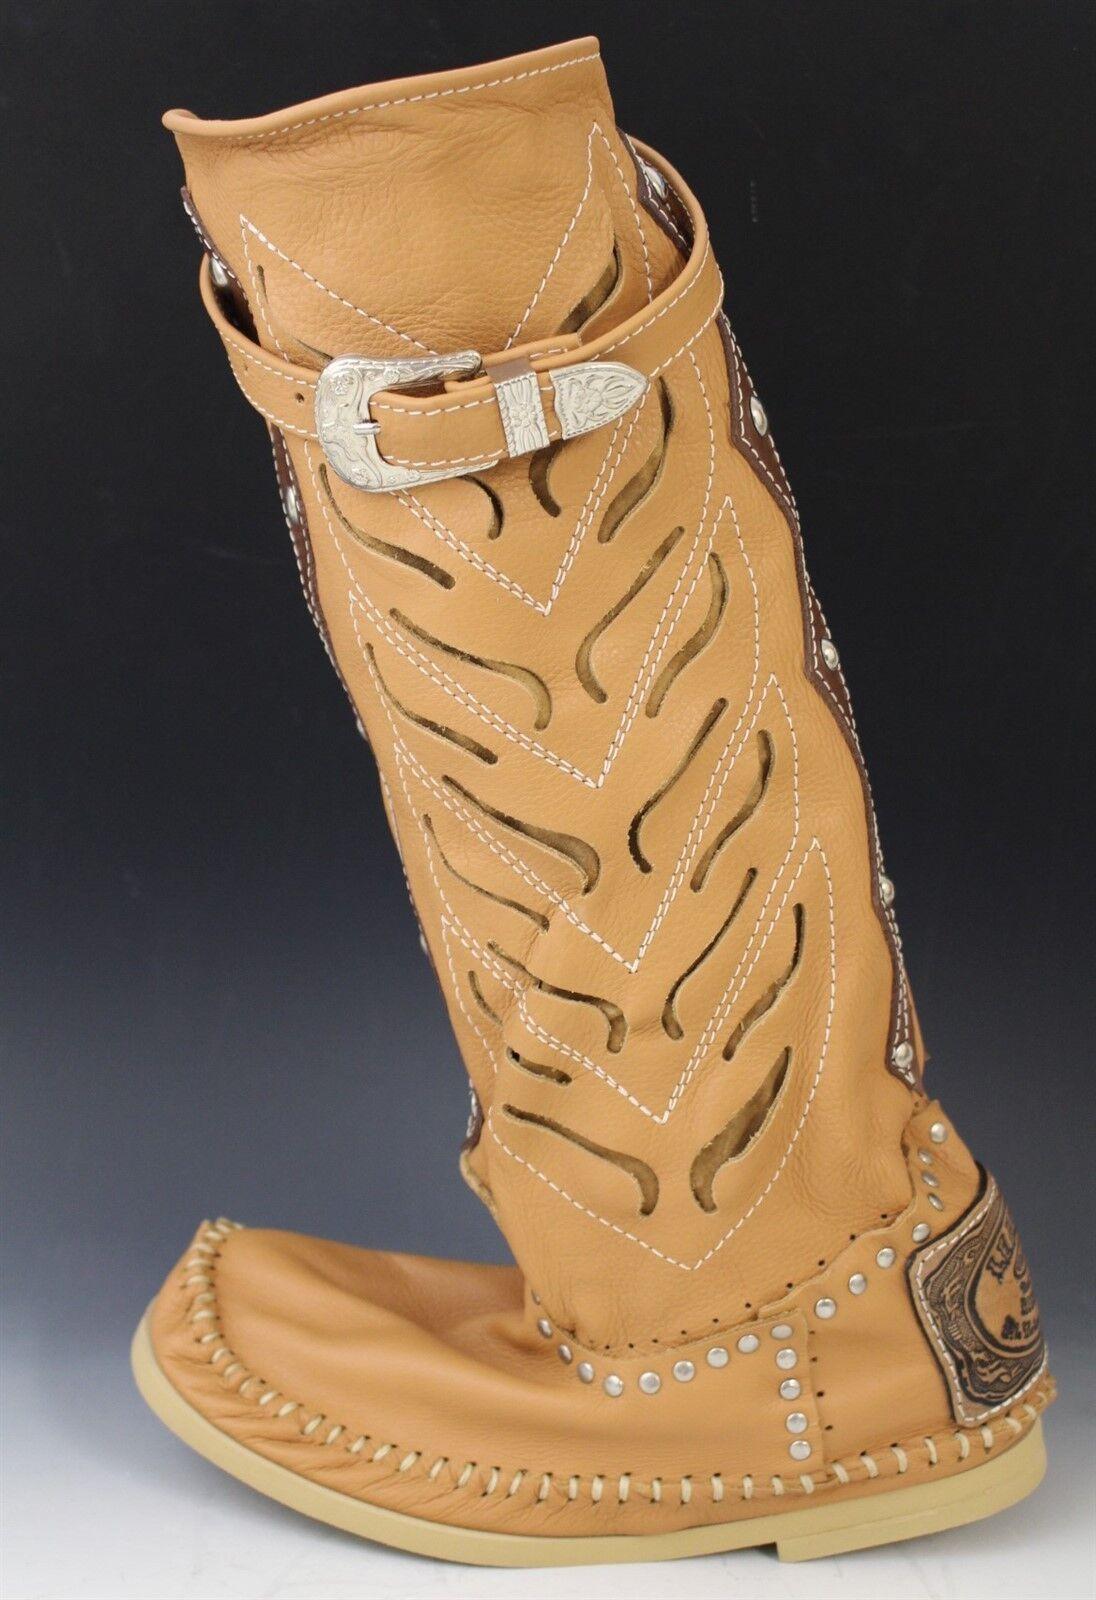 basso prezzo del 40% Hector Italian Leather Leather Leather Cowboy Style Moccasin stivali scarpe TRAFORATO Caramel US 6  produttori fornitura diretta